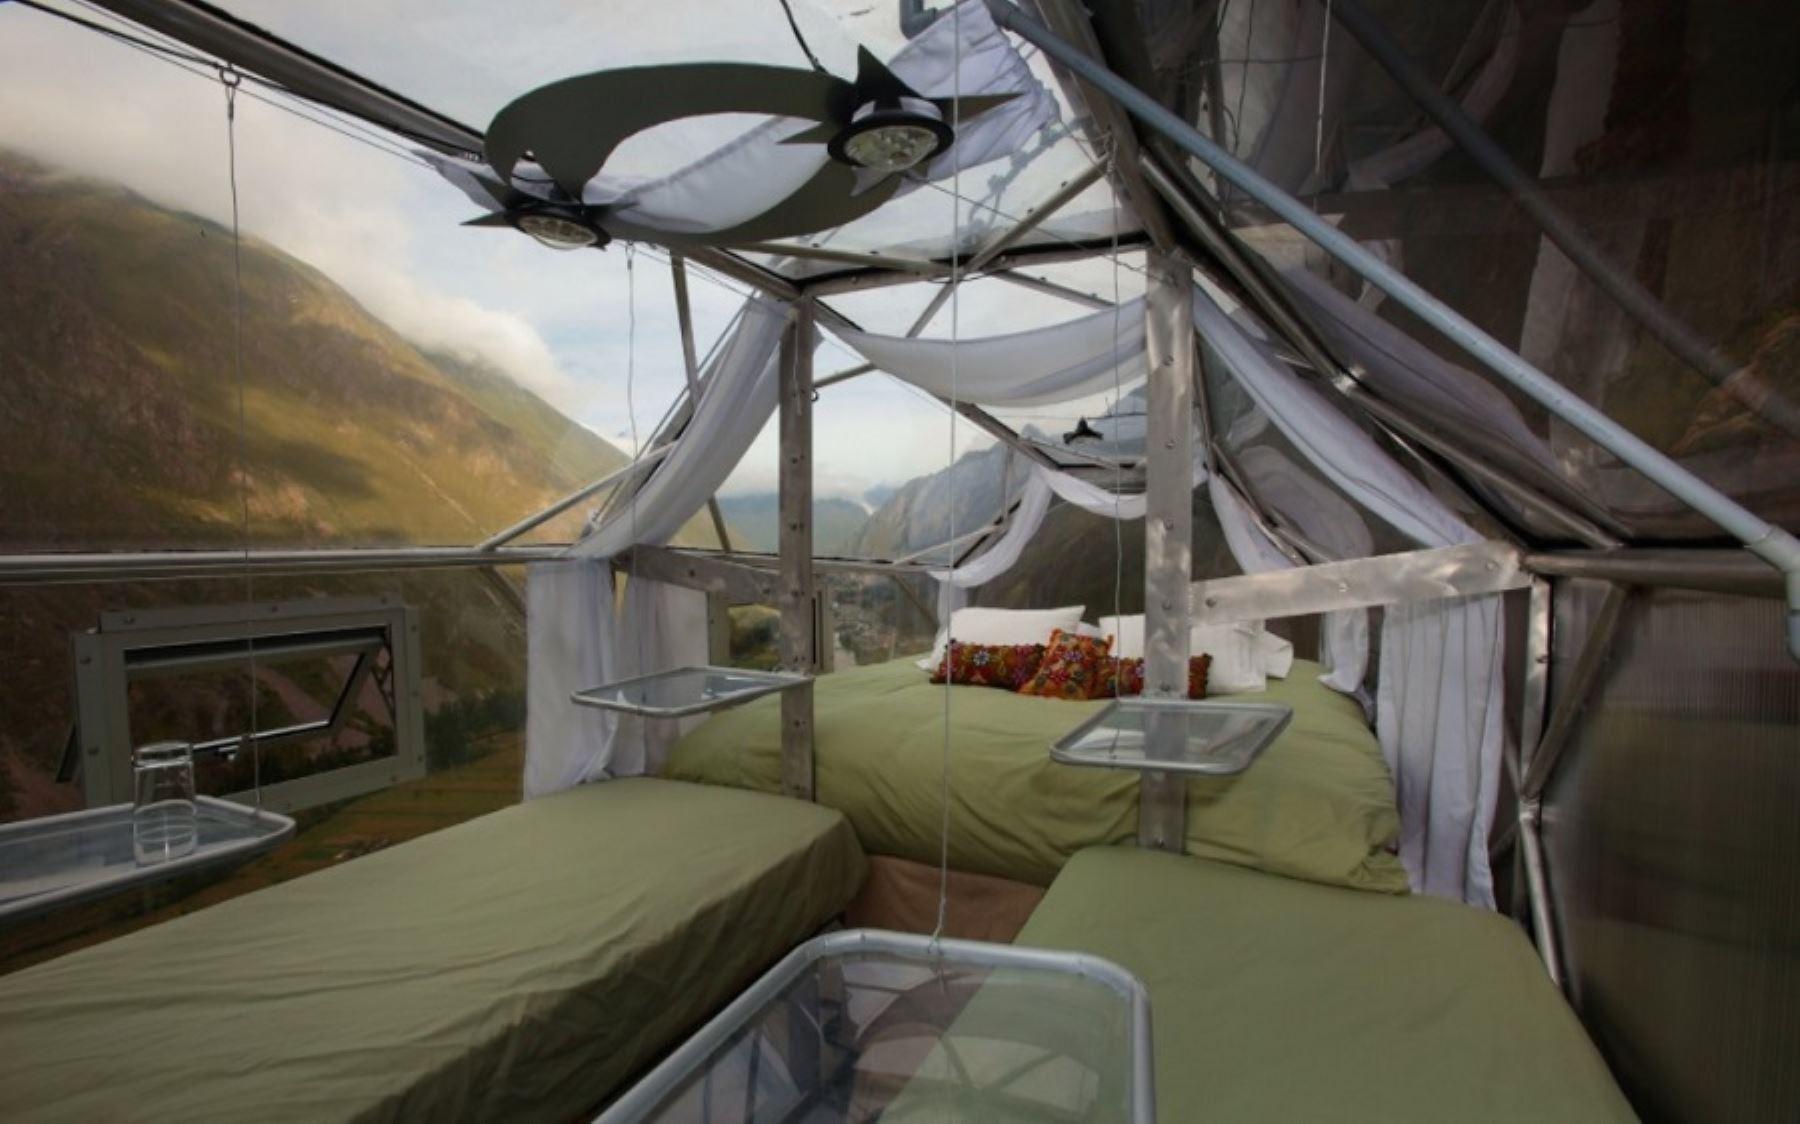 Imagine pasar la noche en un dormitorio dentro de una cápsula de vidrio suspendida a 366 metros (1,200 pies) de altura, sobre la ladera de una montaña en la provincia cusqueña de Urubamba, desde donde se tiene una vista inigualable del cielo poblado de estrellas.